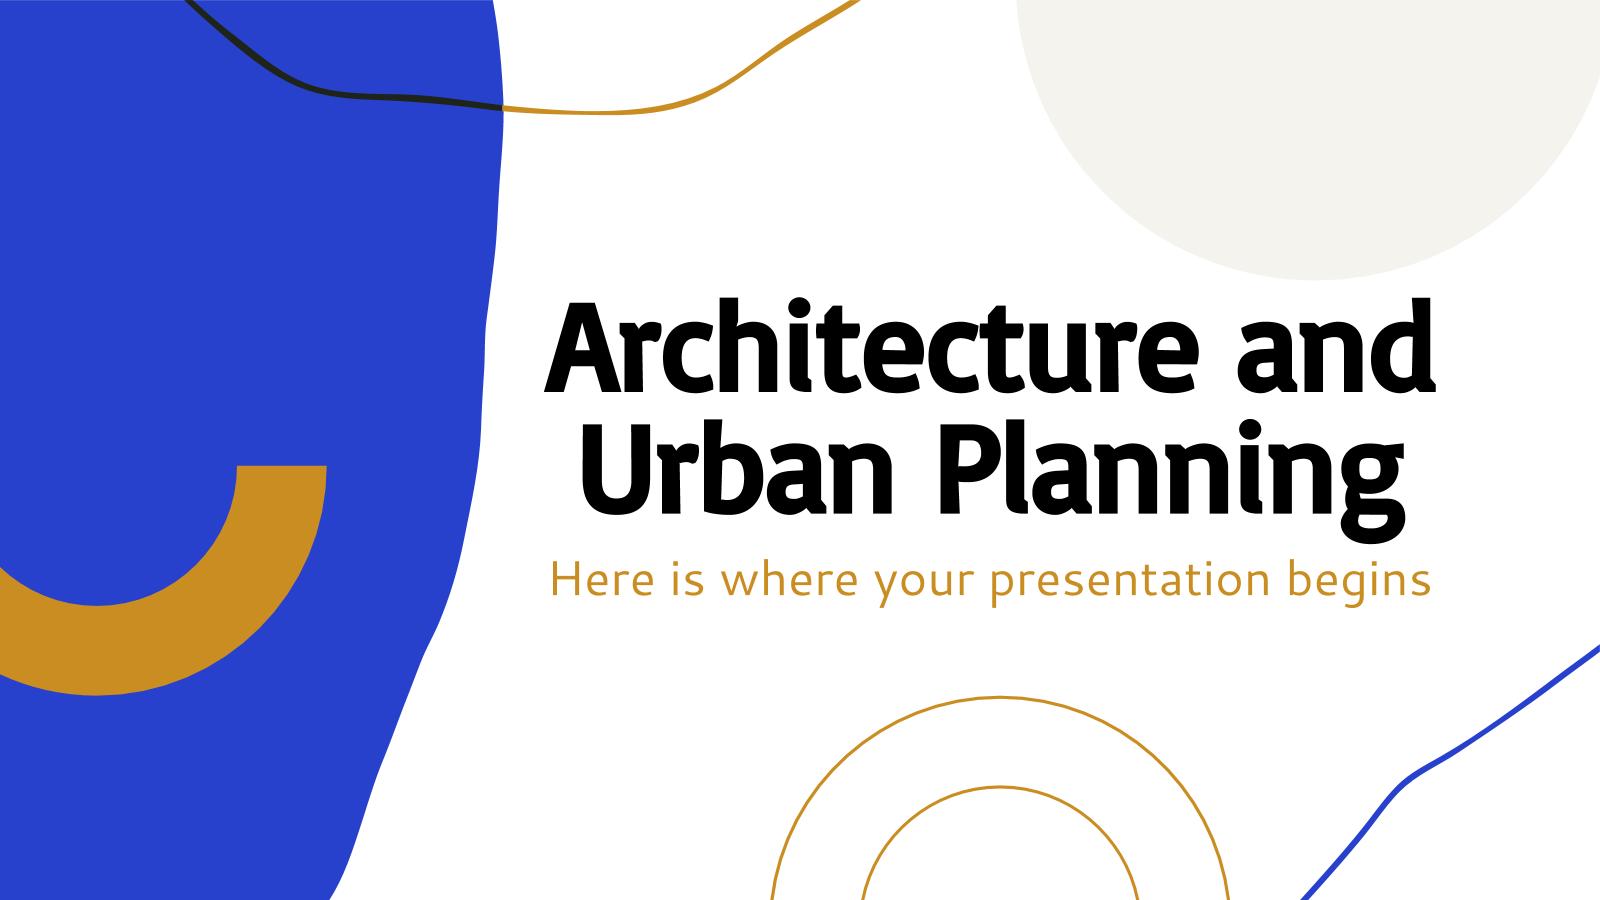 Plantilla de presentación Arquitectura y urbanística